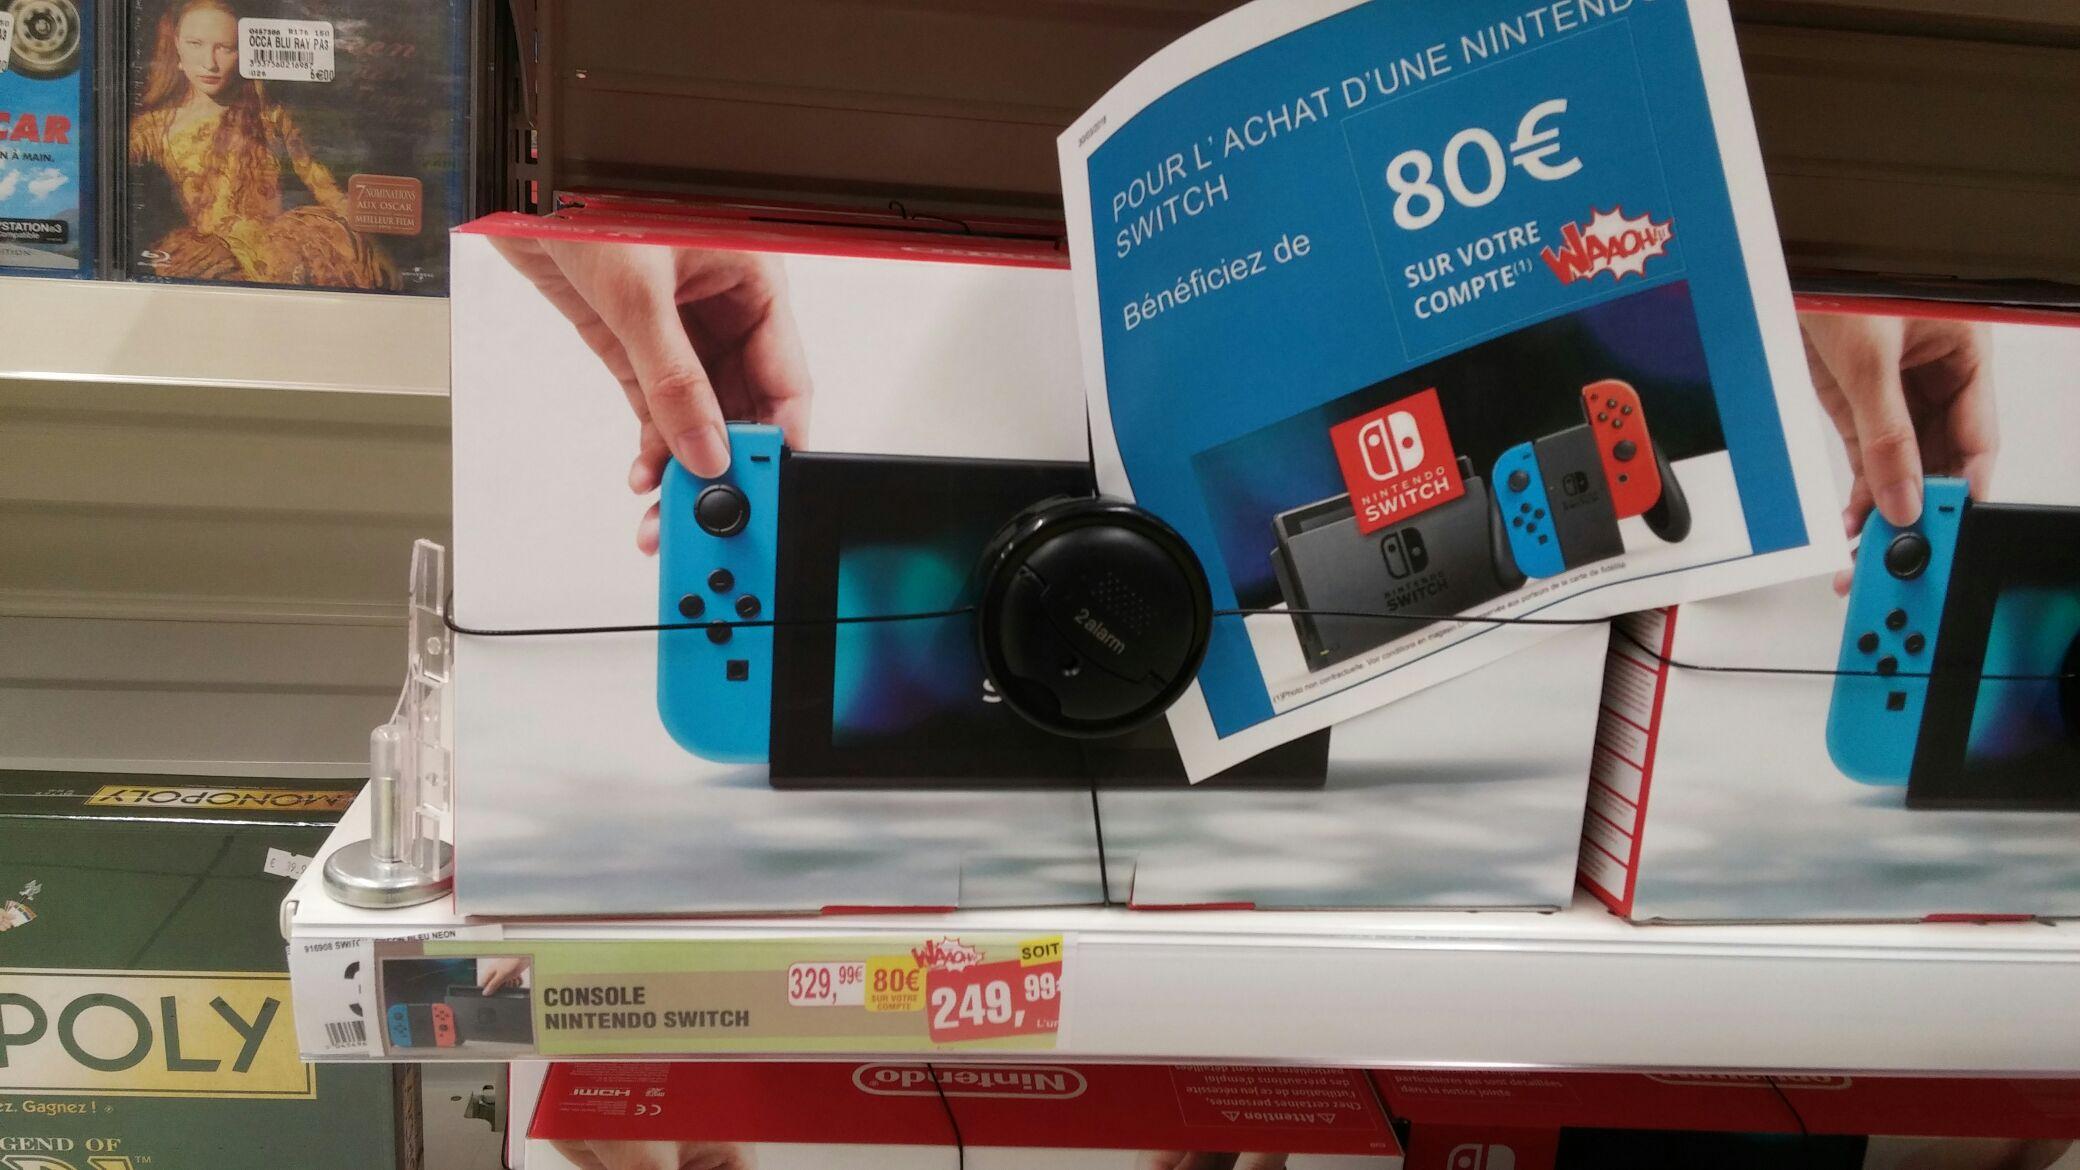 Console Nintendo Switch avec 1 Joy-Con Rouge / Bleu néon (via 80€ sur la carte fidélité) - Mâcon (71)